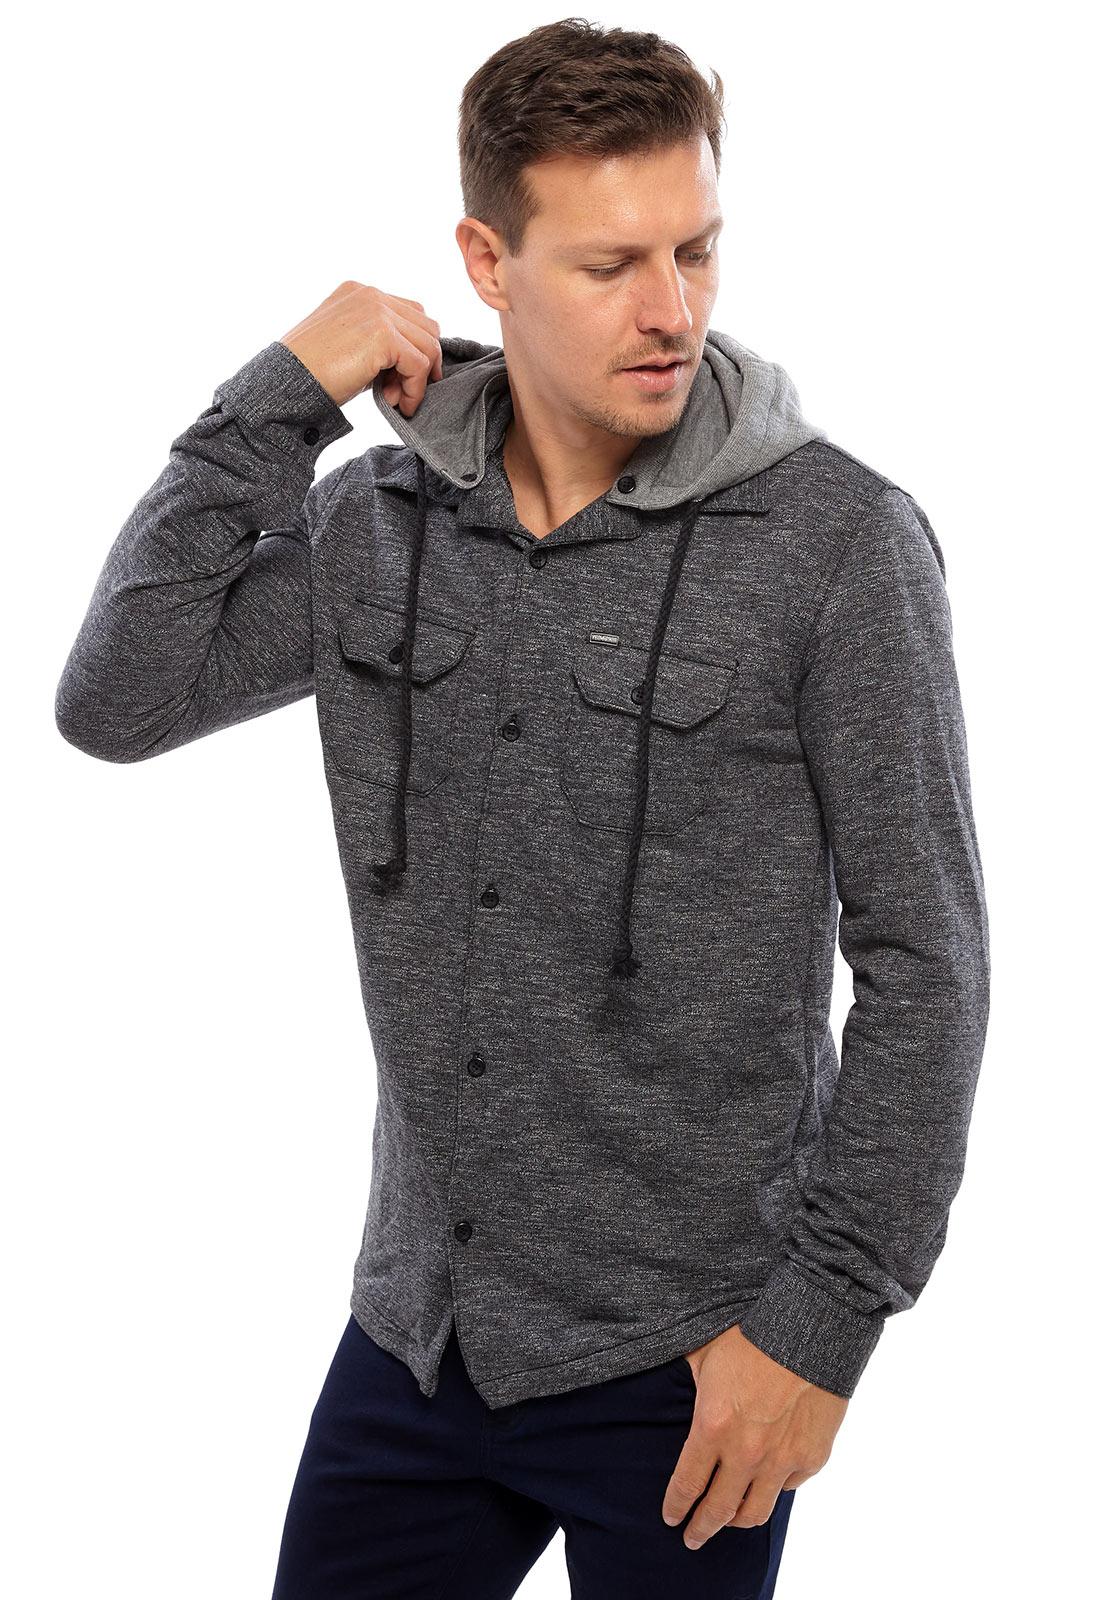 Camisa Vida Marinha Manga Longa Preto com Capuz Removível